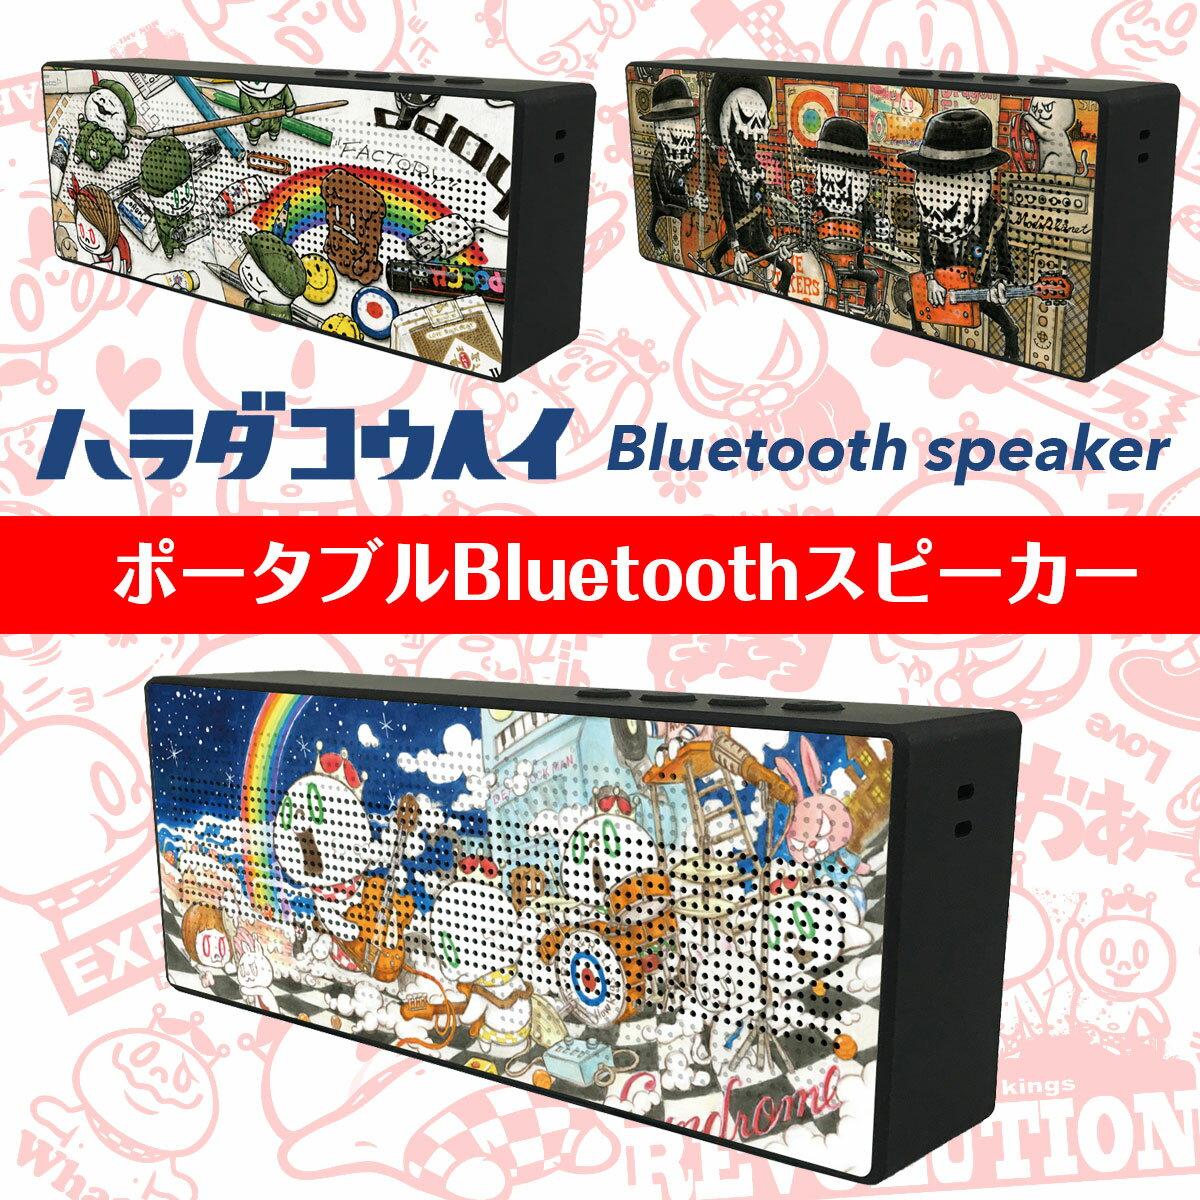 スピーカー Bluetooth 高音質 ブルートゥース スピーカー大音量 ワイヤレス スピーカー ポータブル iPhone Android 作家 マシュマロキングス sp01-004